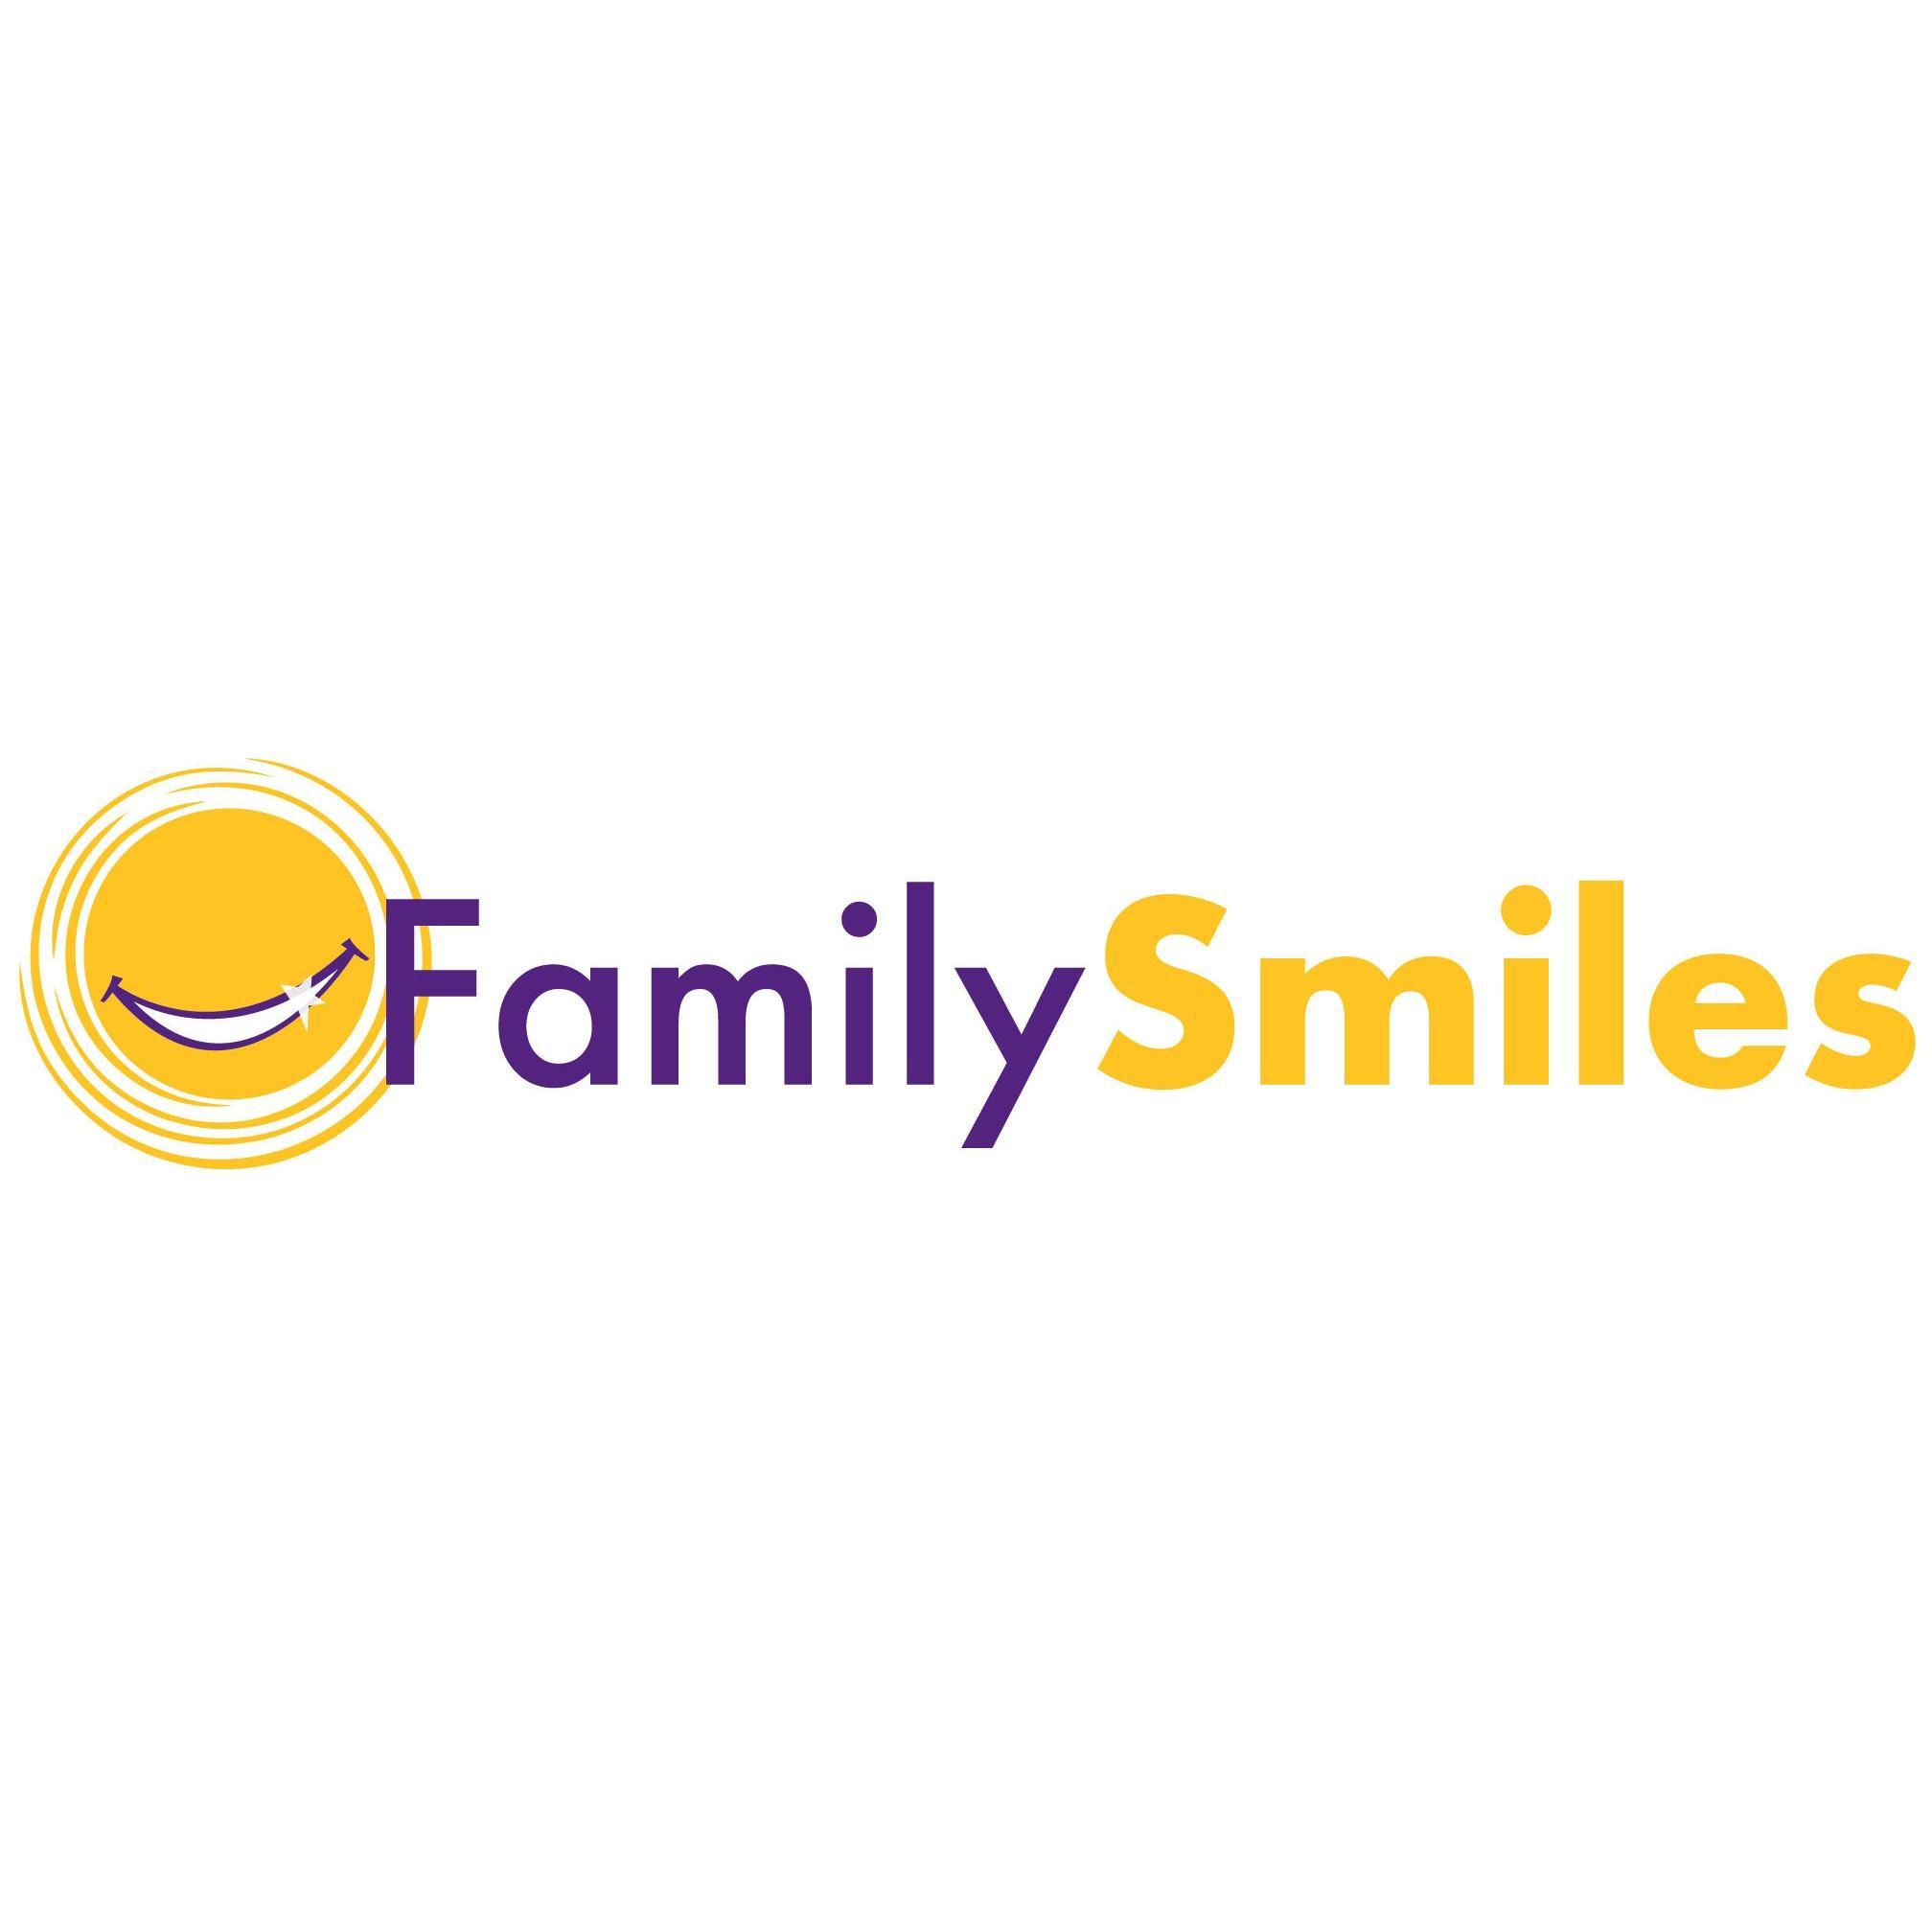 Family Smiles of Kingsville